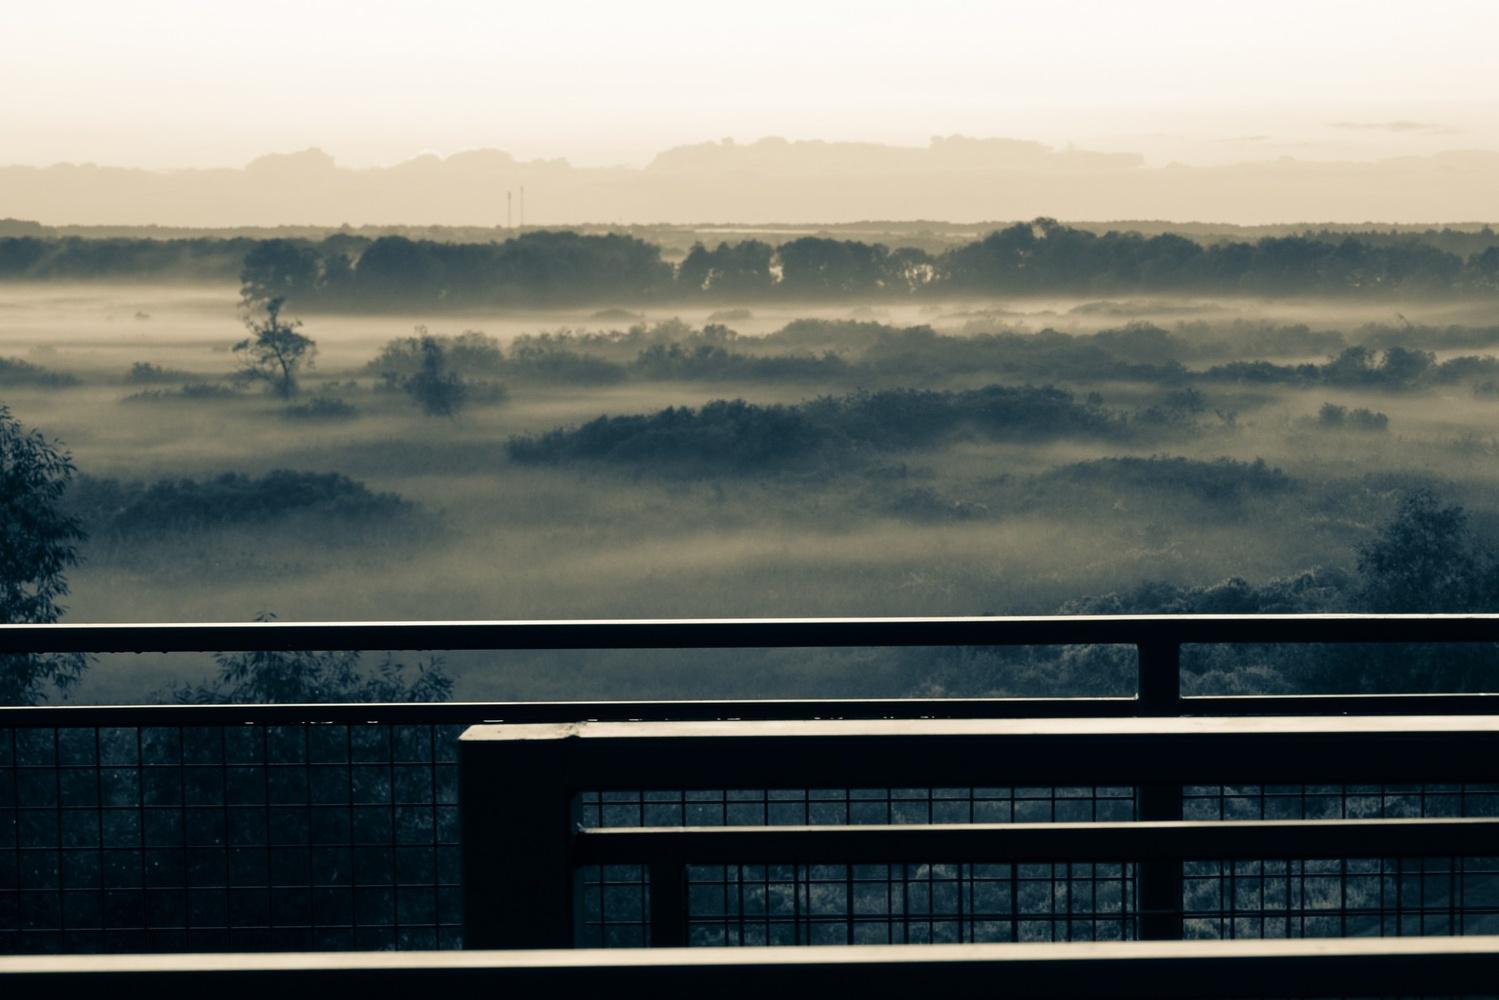 Fog impresion #3 by Jakub Krysiewicz